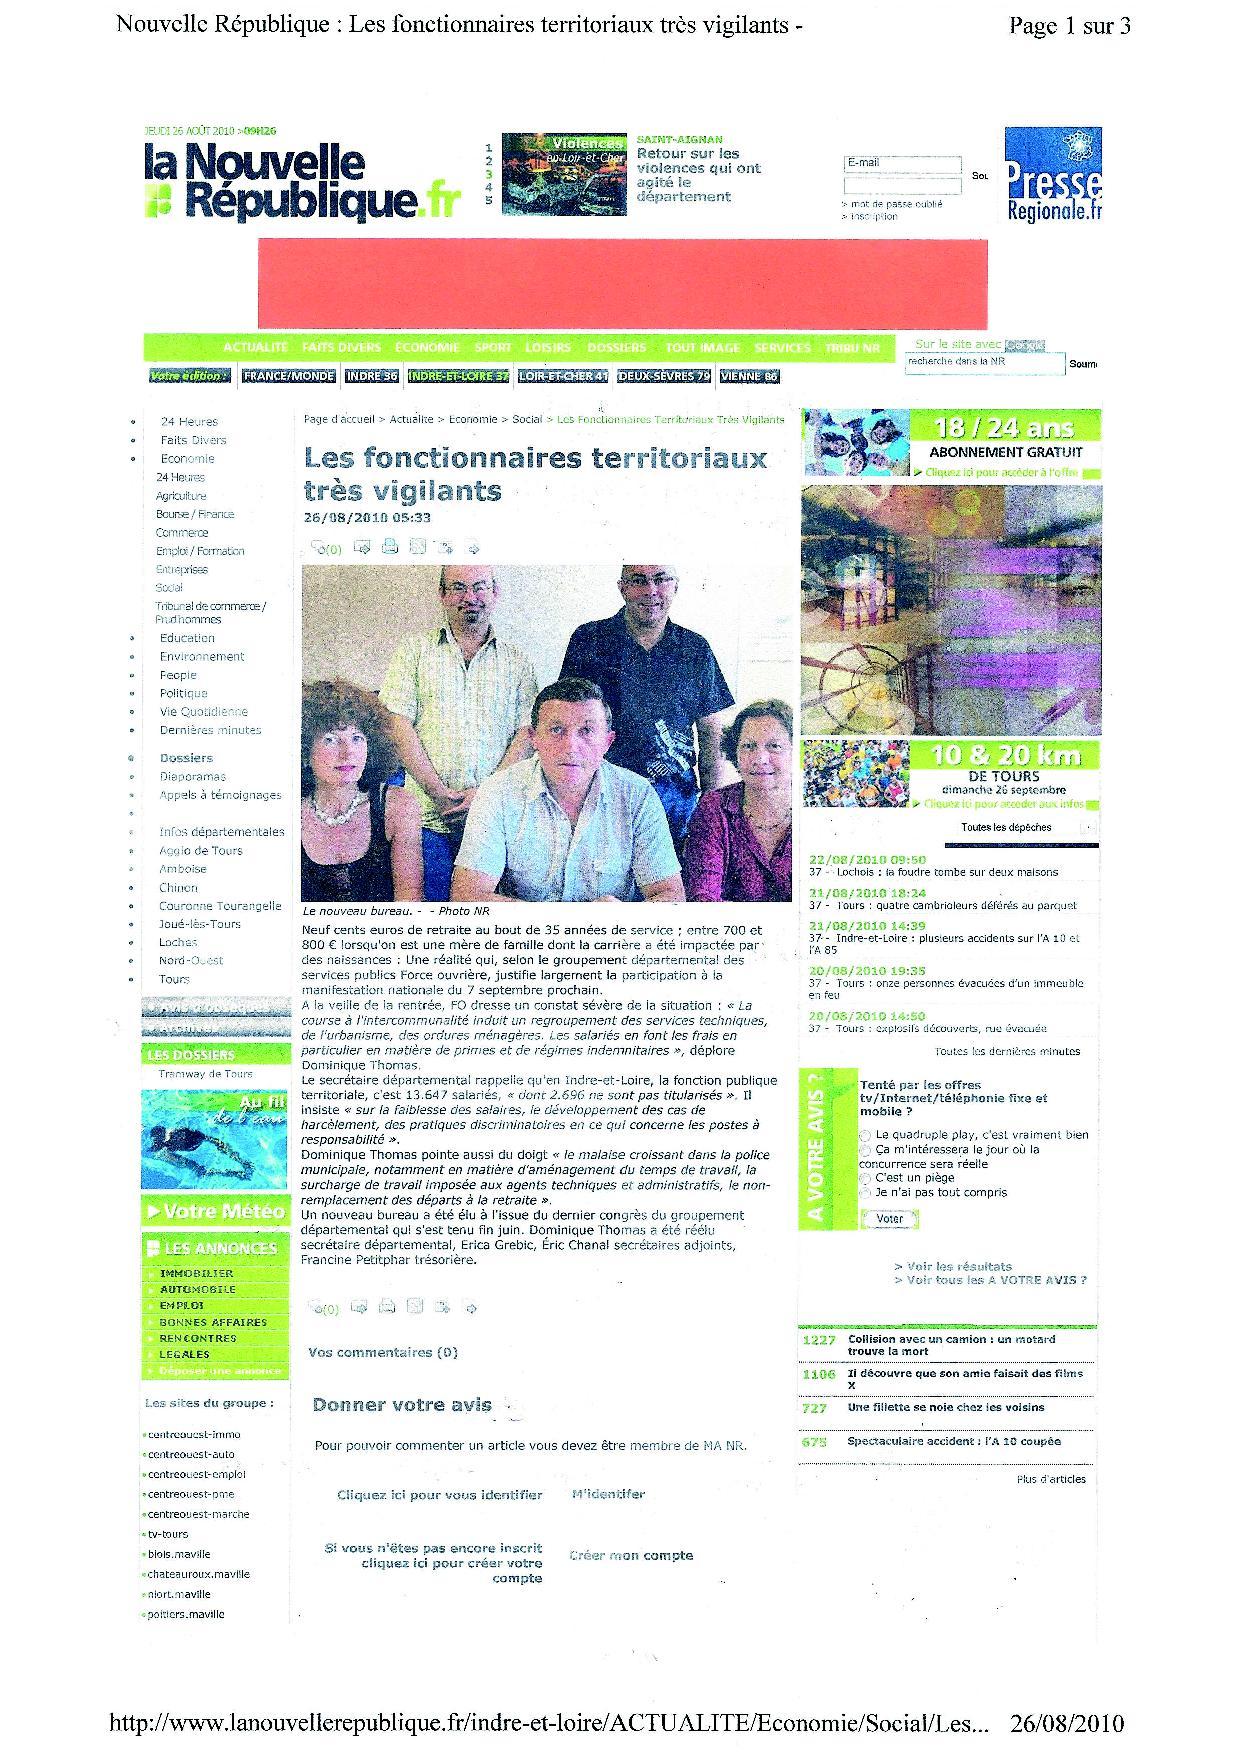 articlenrdu26aot2010gd37fo.jpg